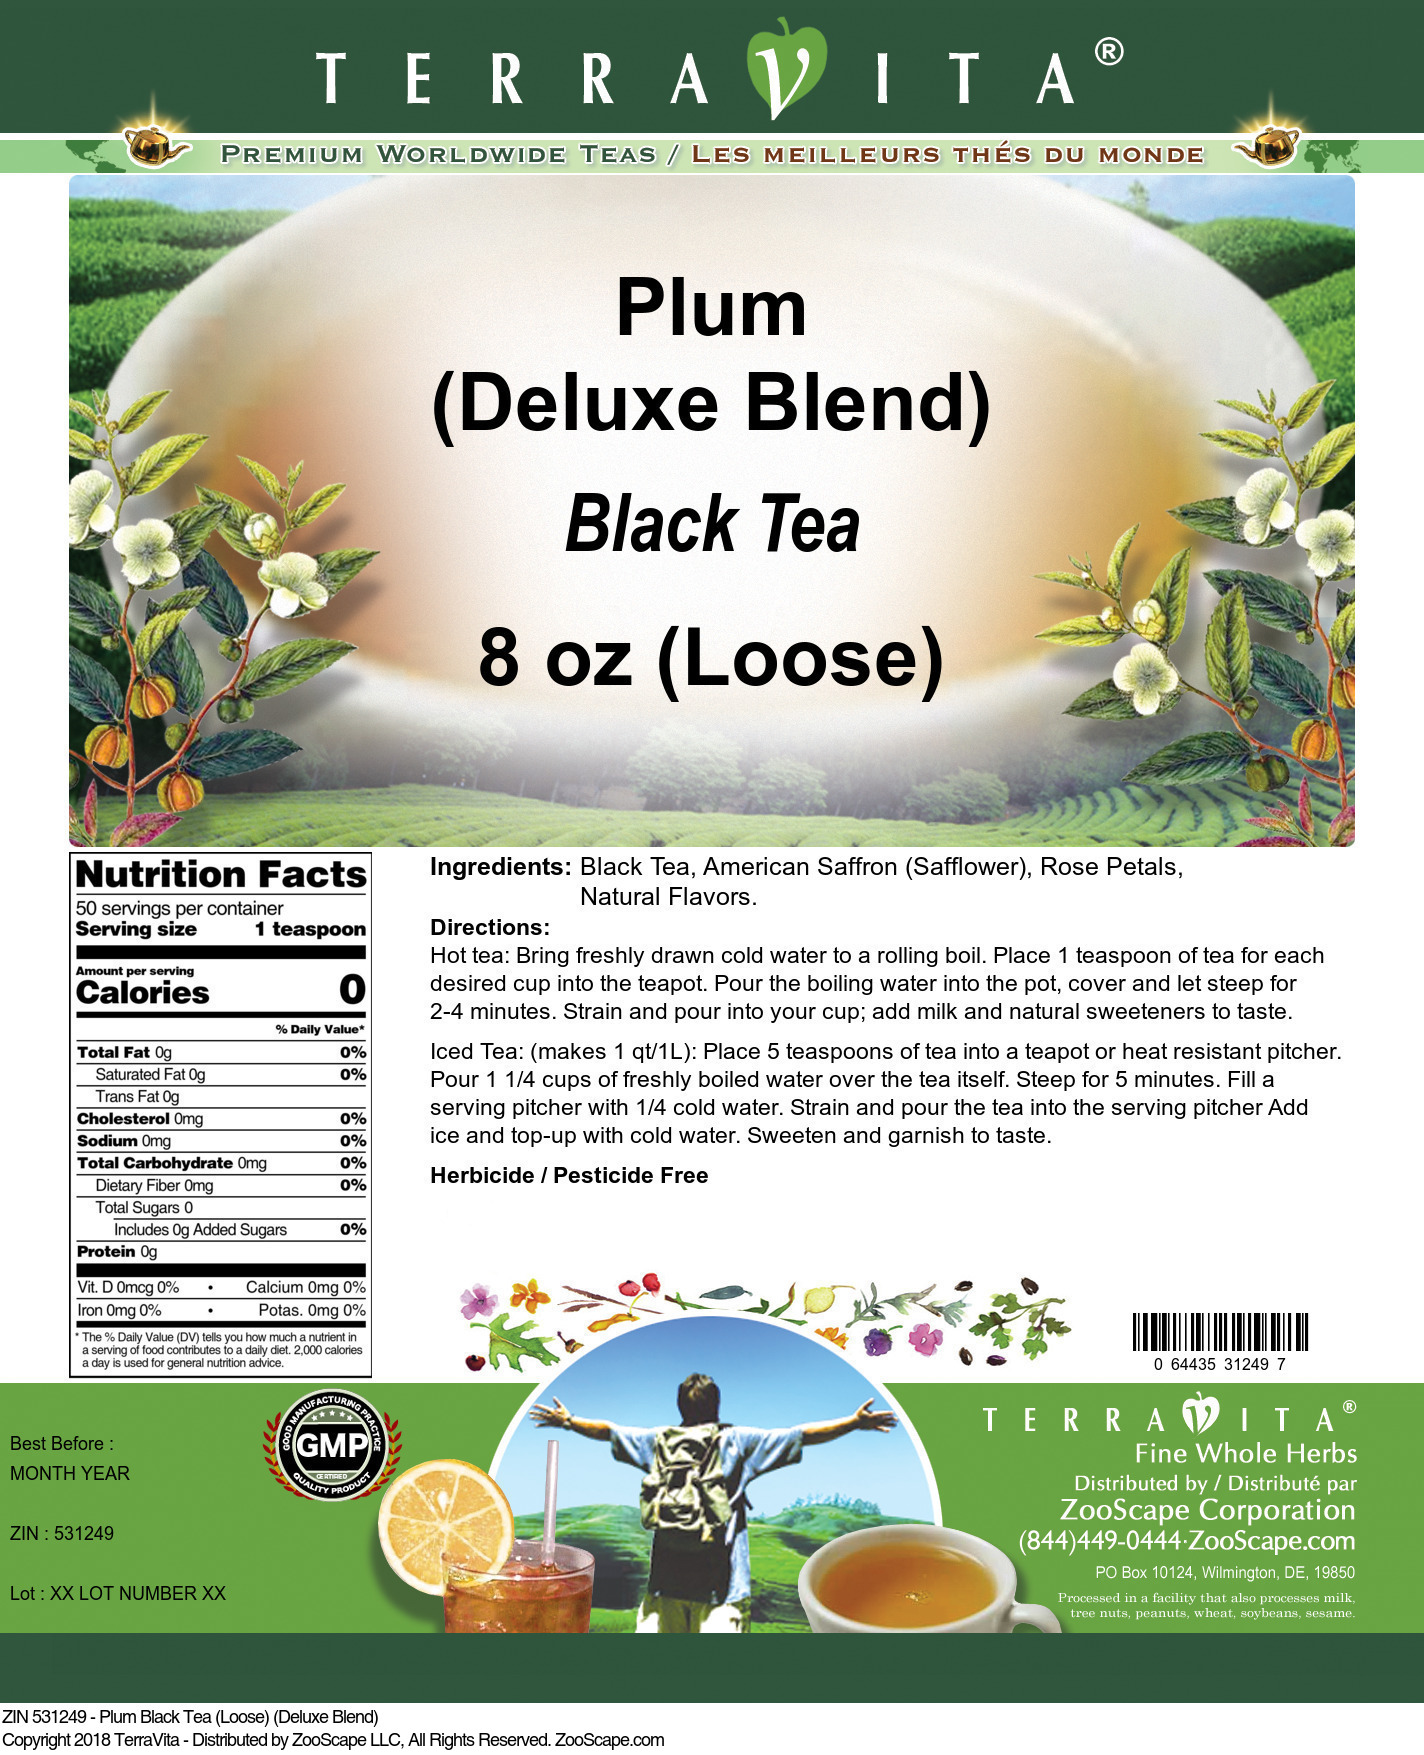 Plum Black Tea